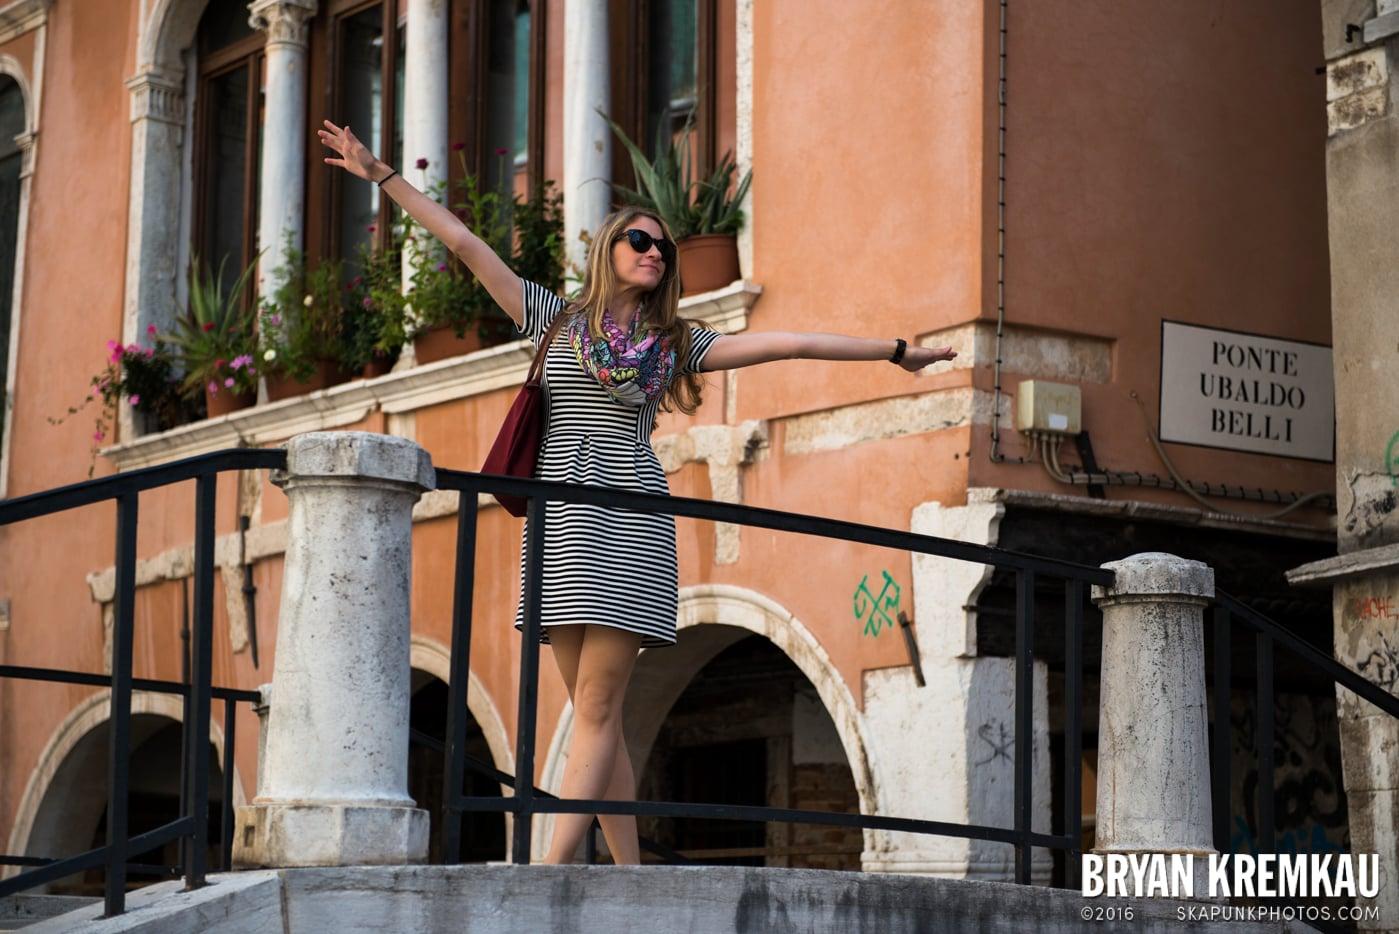 Italy Vacation - Day 5: Venice - 9.13.13 (70)